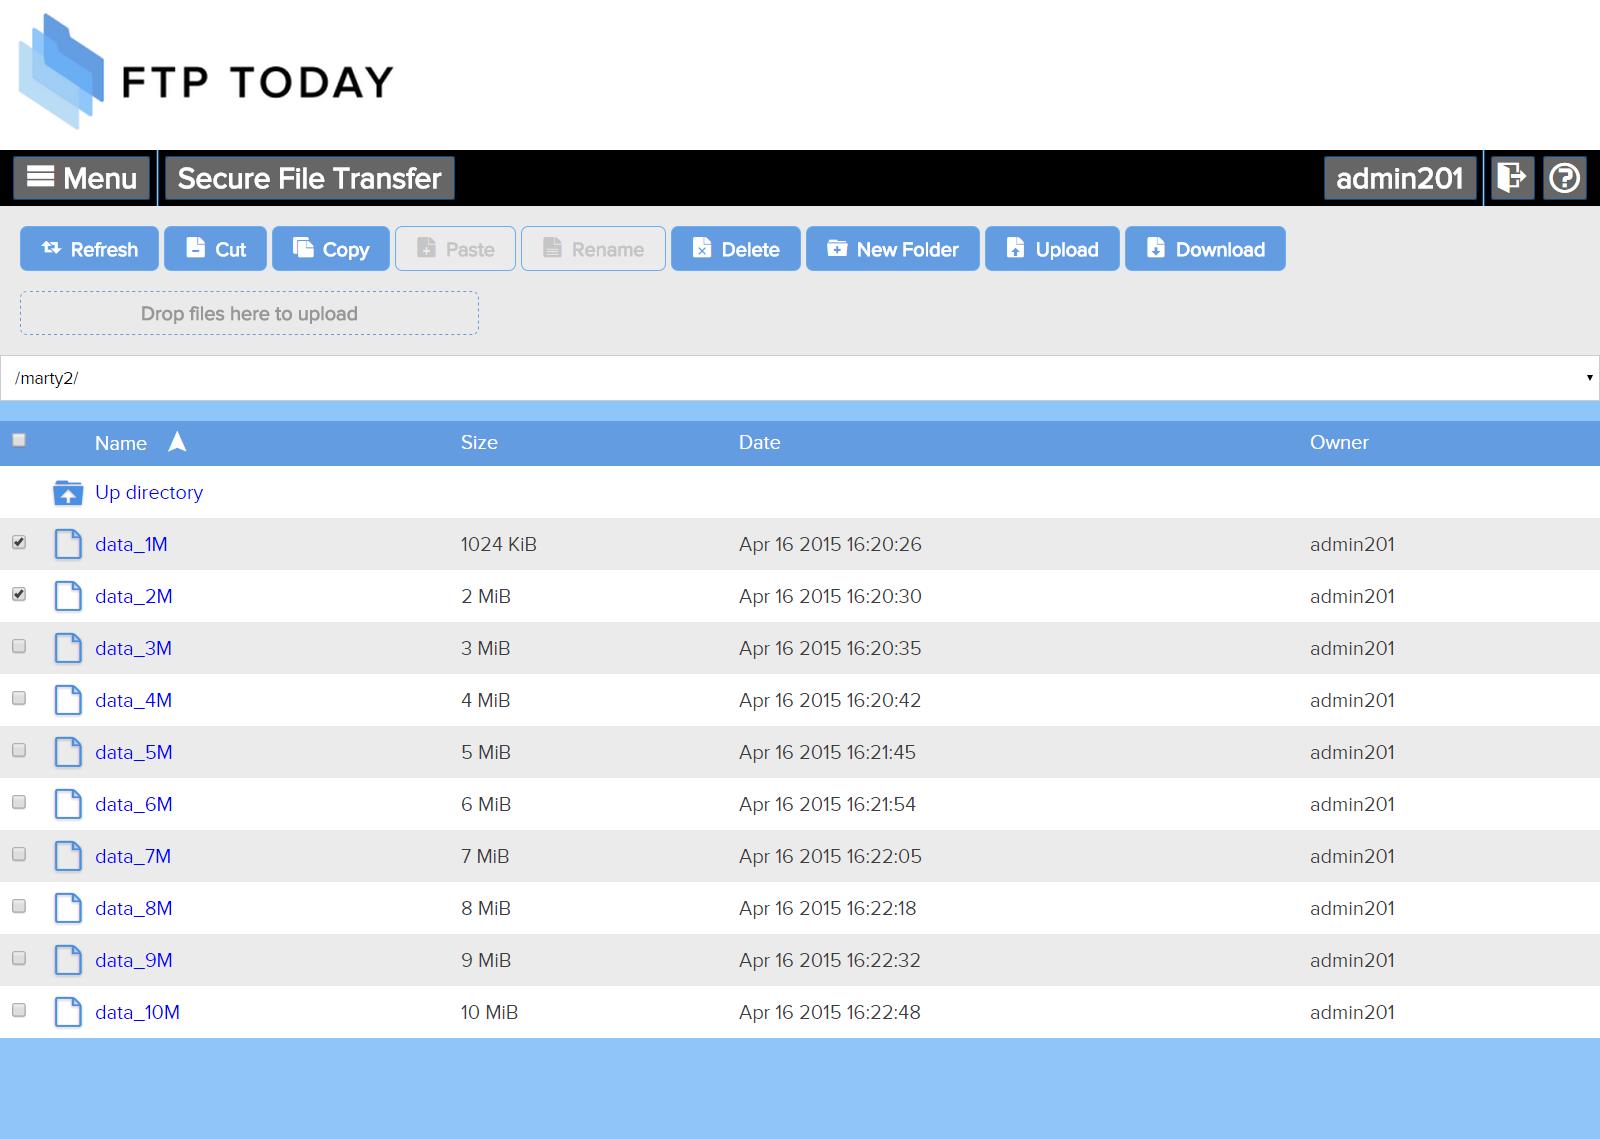 FTP Today Demo - webapp.png